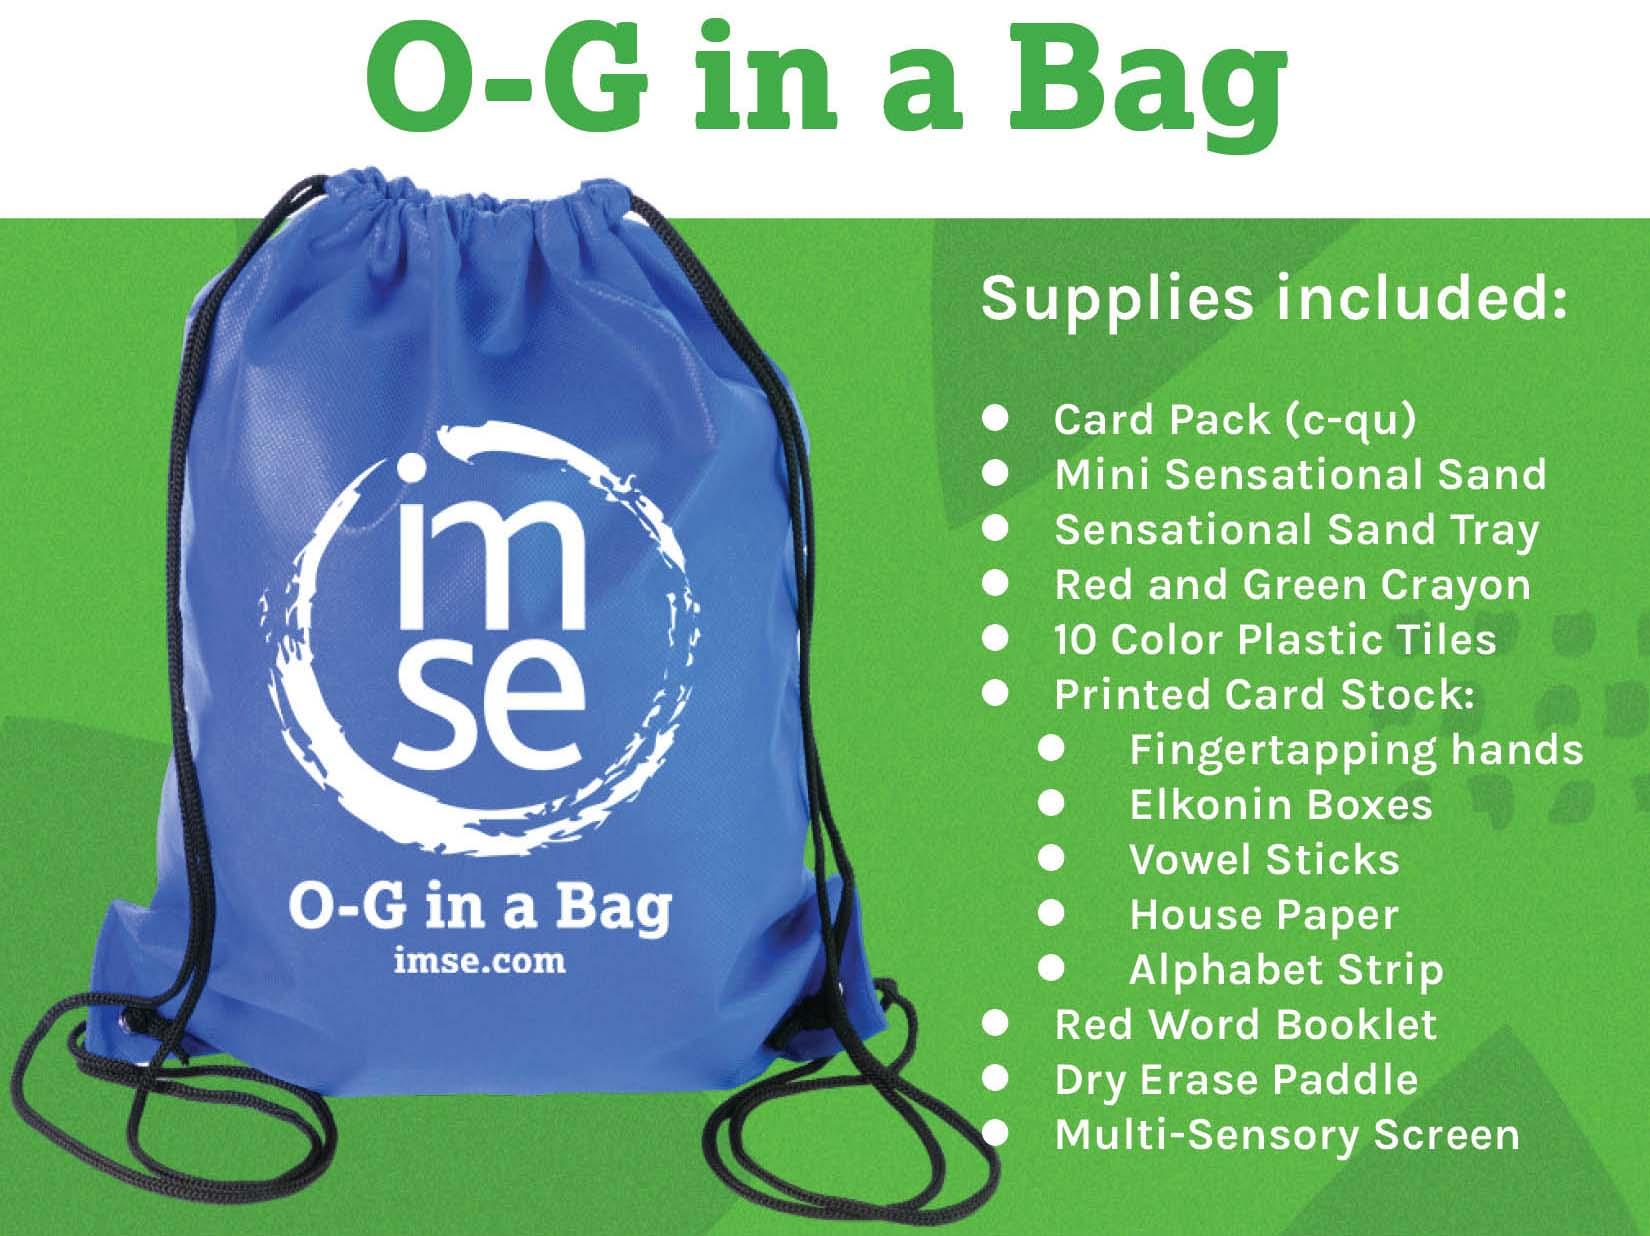 O-G in a Bag